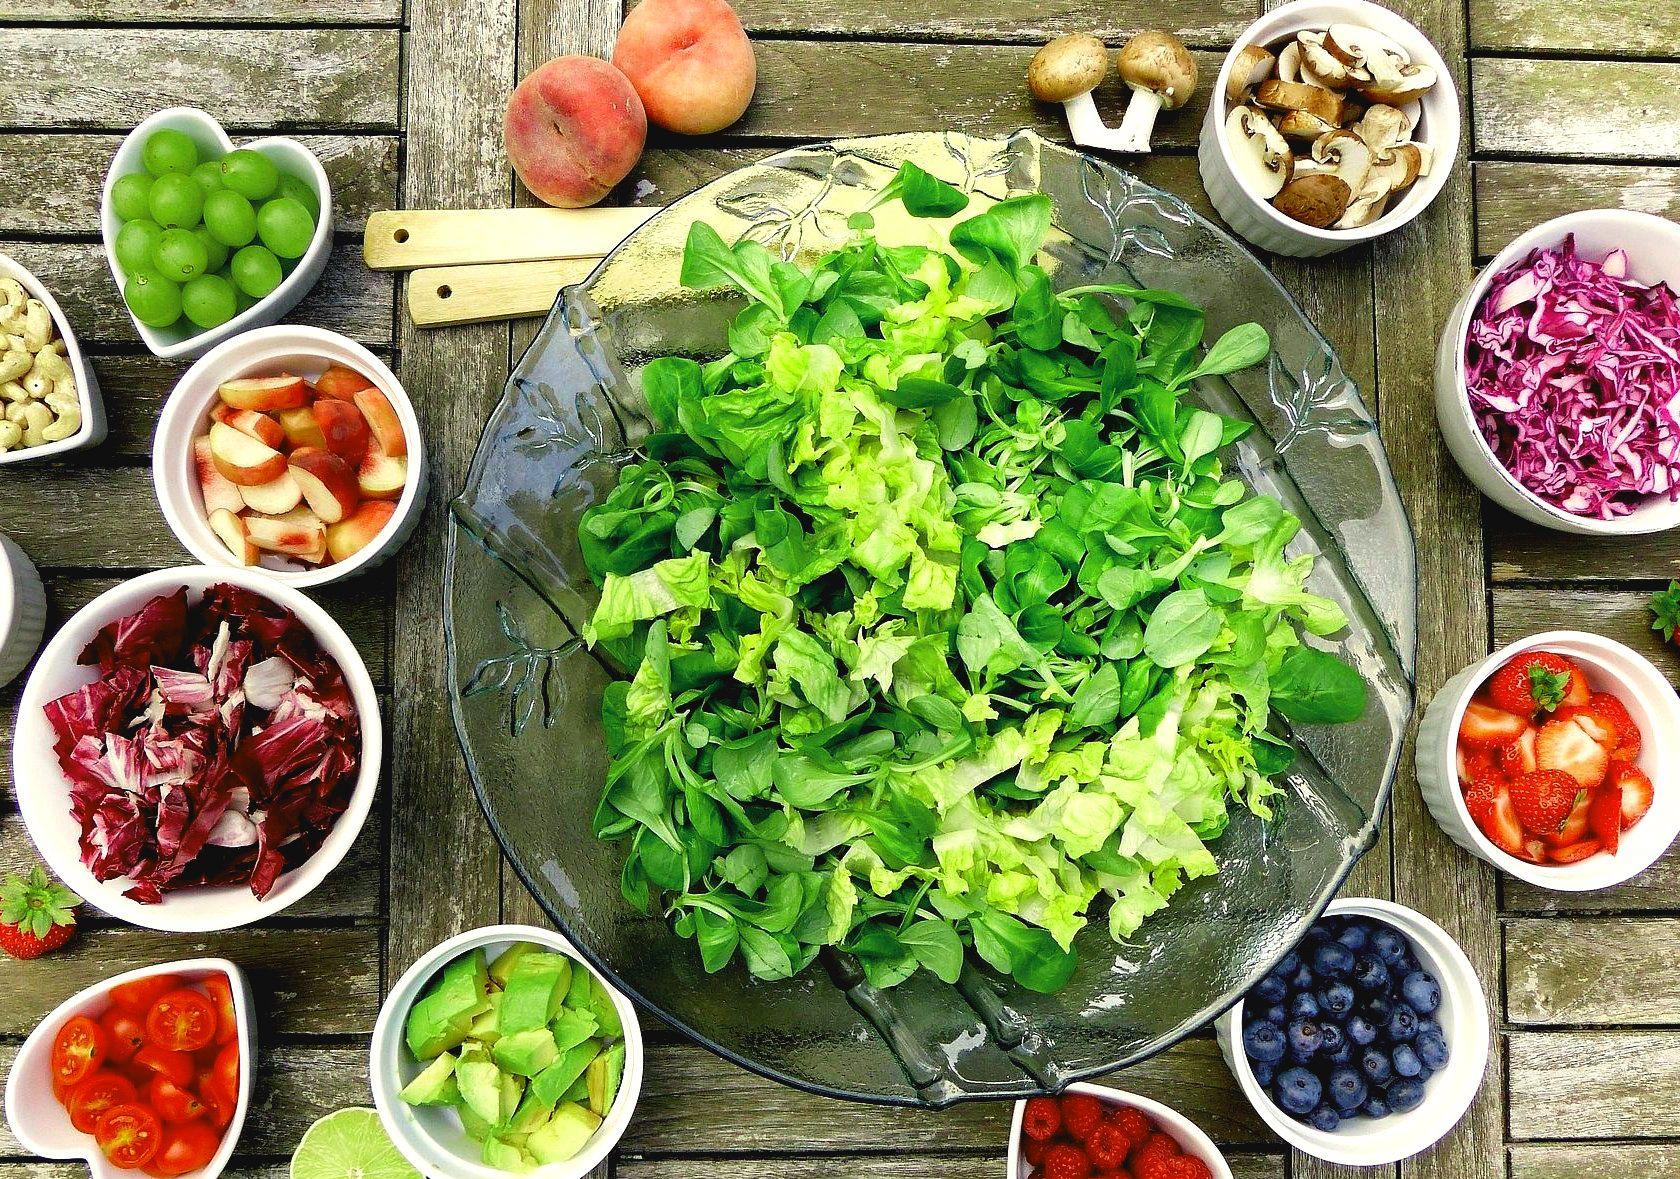 Die richtige Ernährung in der Schwangerschaft | Doctrs.com